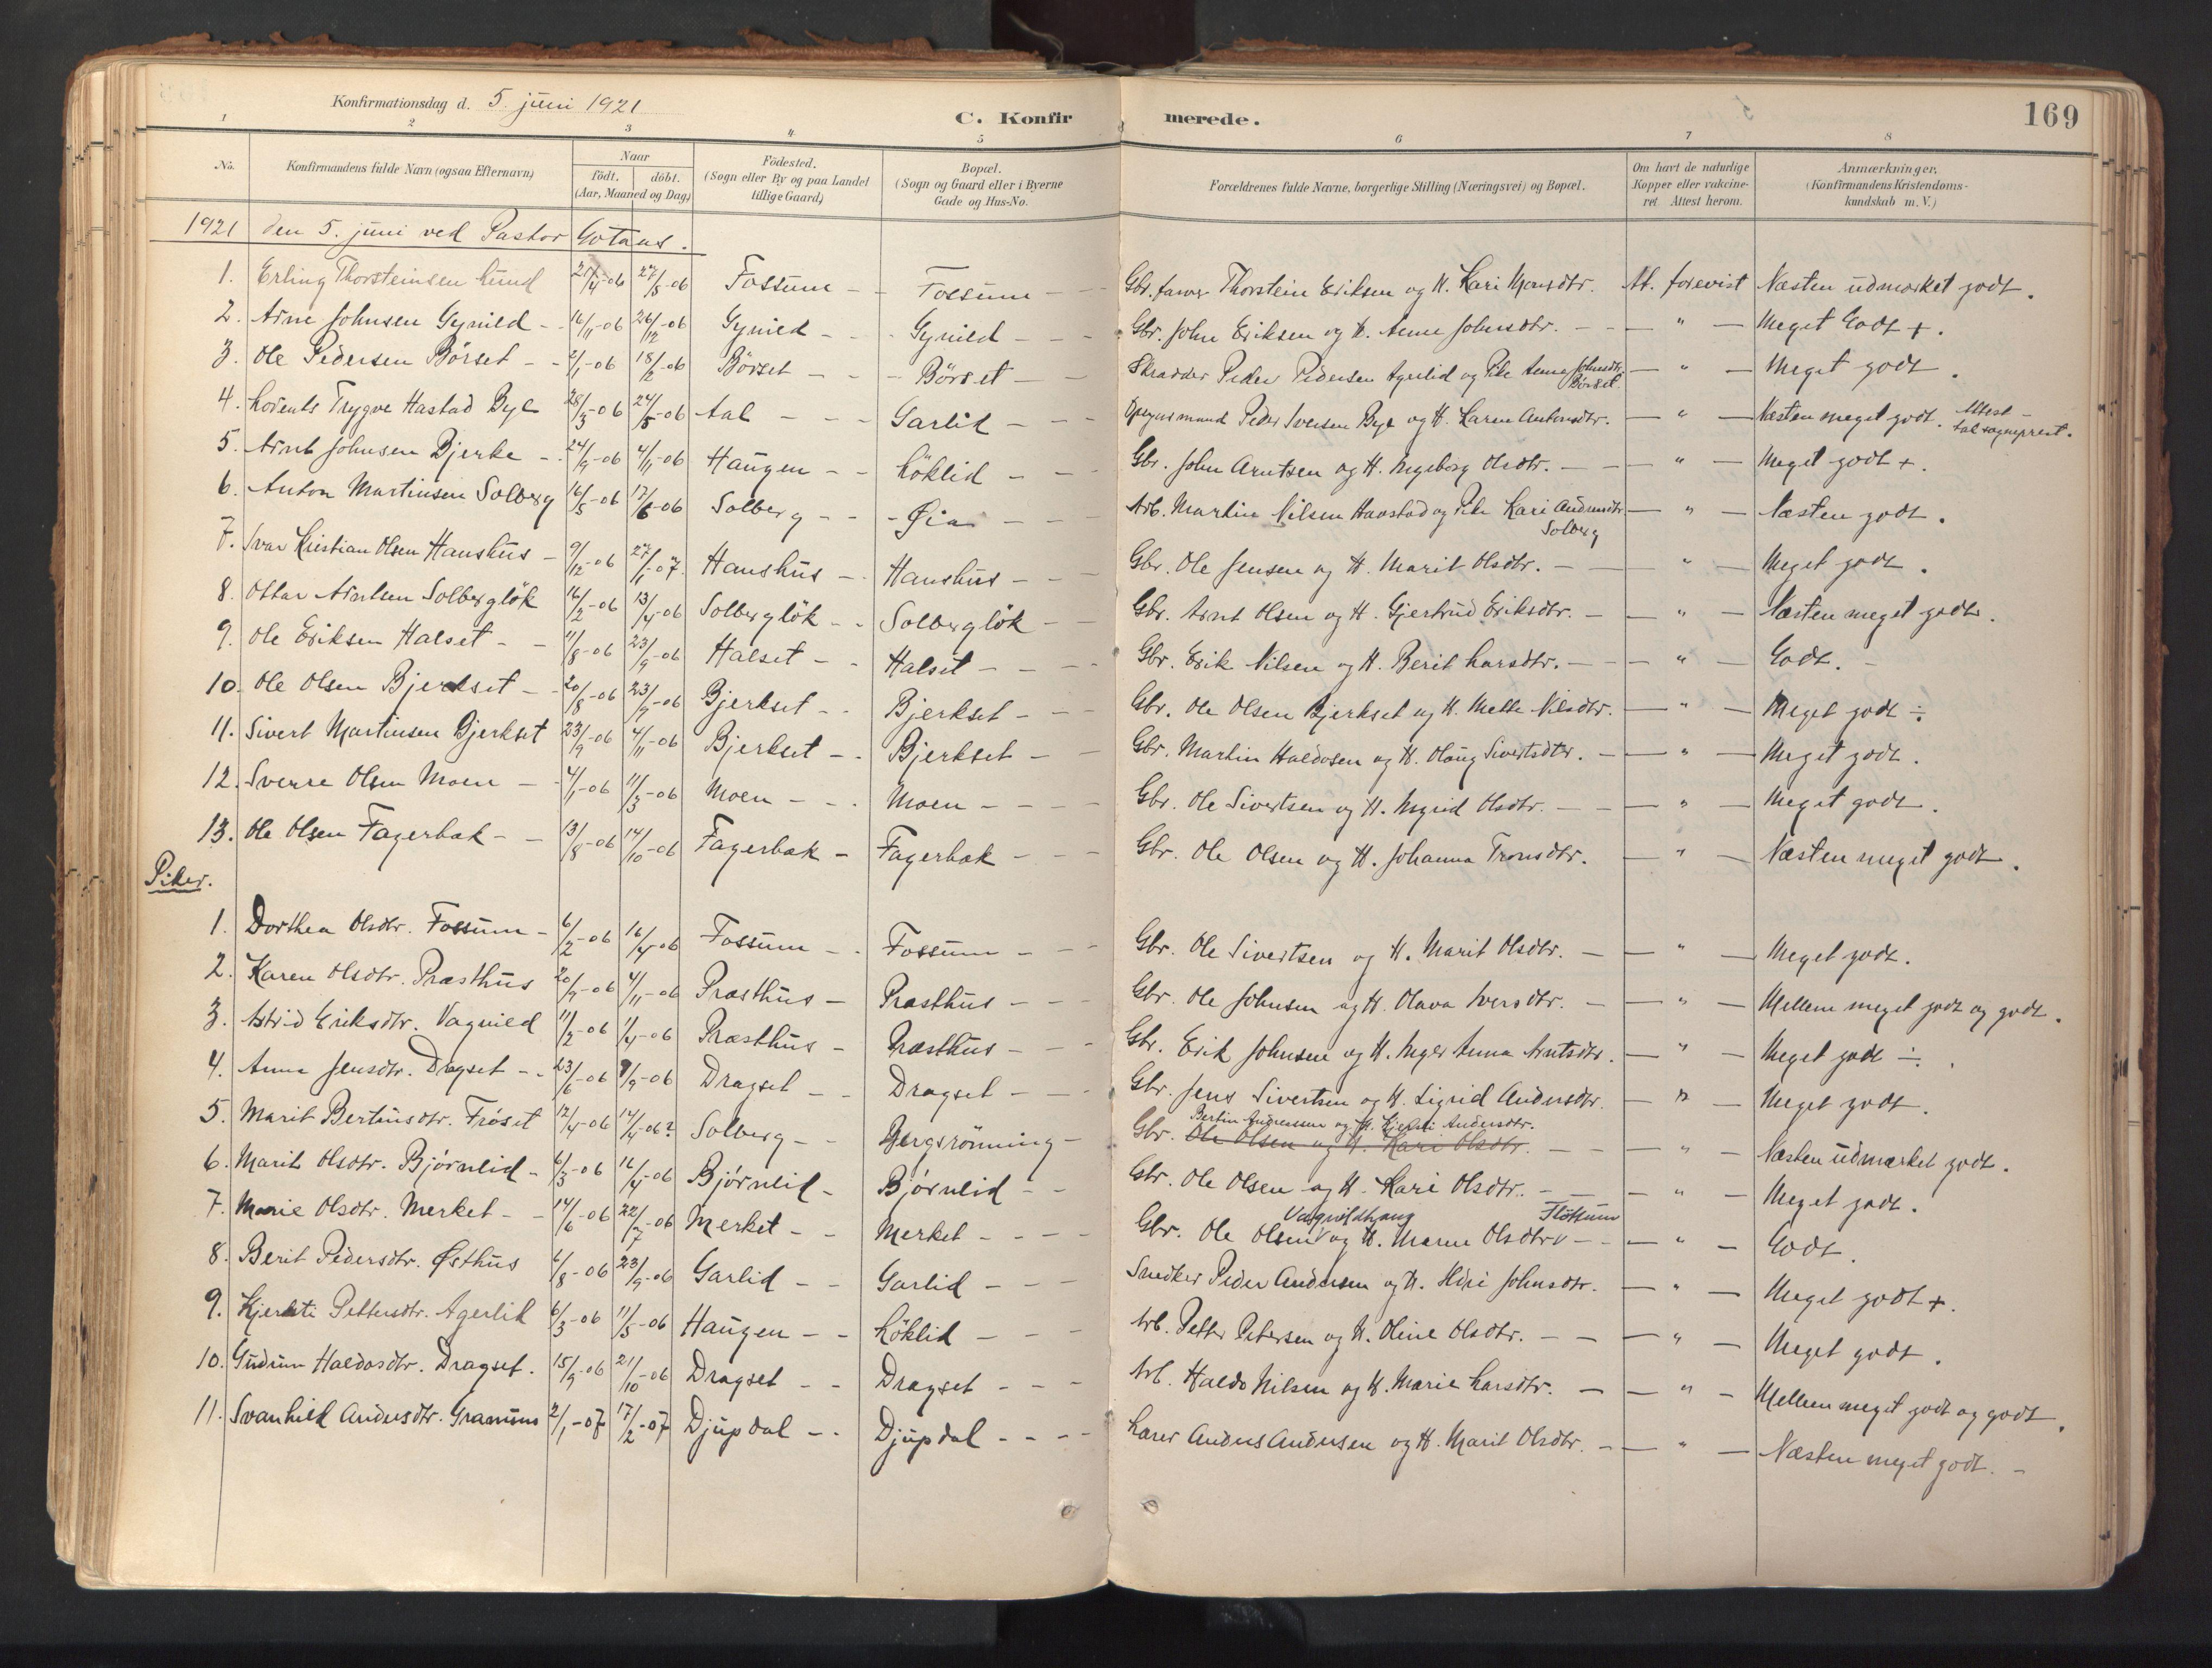 SAT, Ministerialprotokoller, klokkerbøker og fødselsregistre - Sør-Trøndelag, 689/L1041: Ministerialbok nr. 689A06, 1891-1923, s. 169